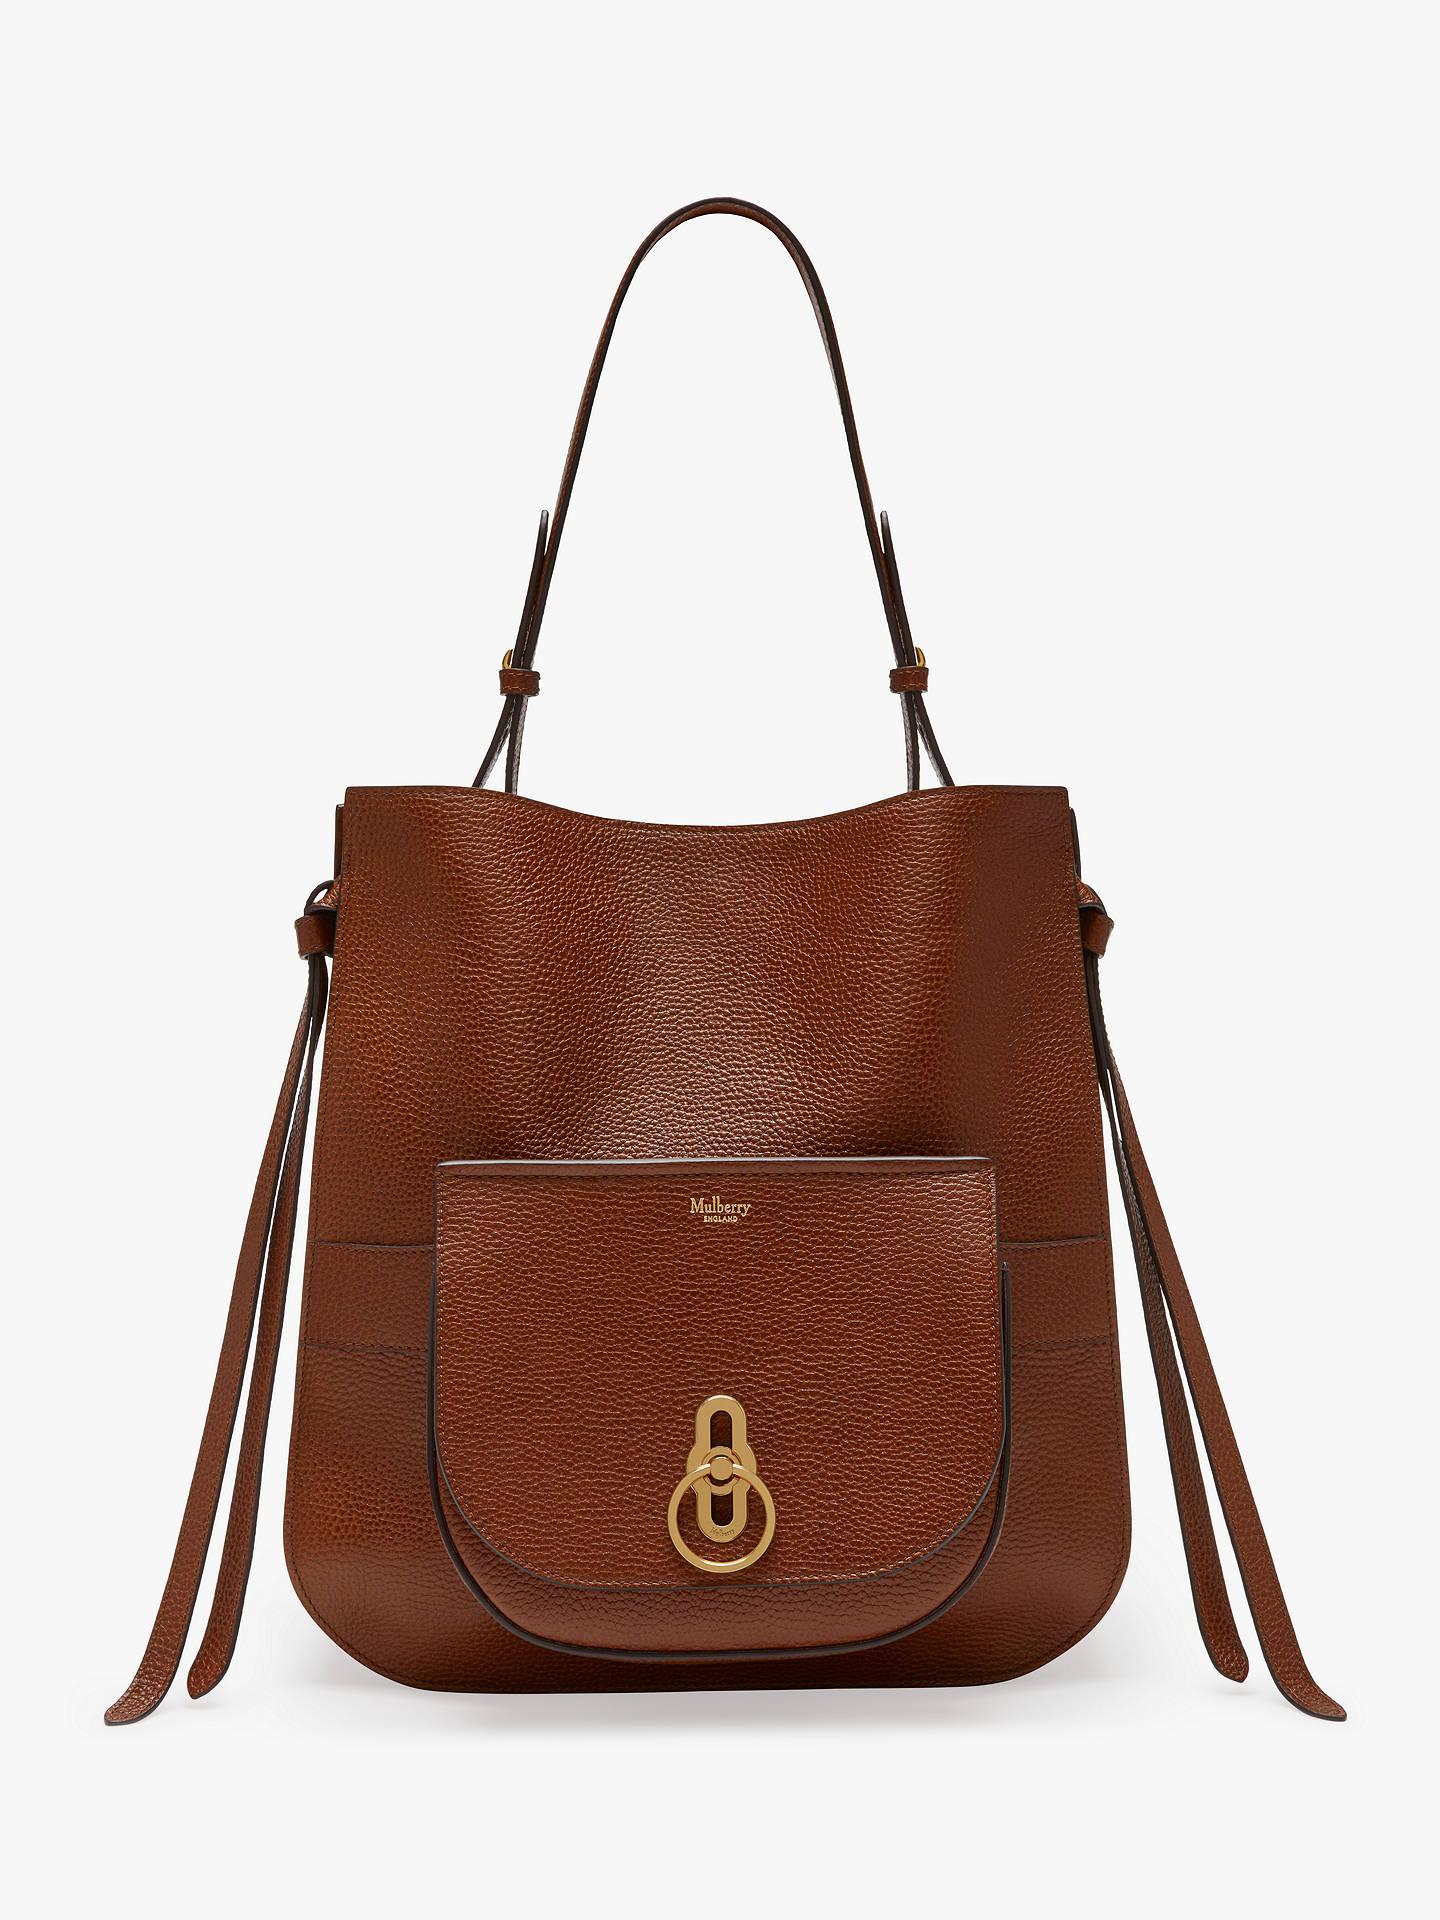 BuyMulberry Amberley Grain Veg Tanned Leather Hobo Bag 4ccb69fefa591